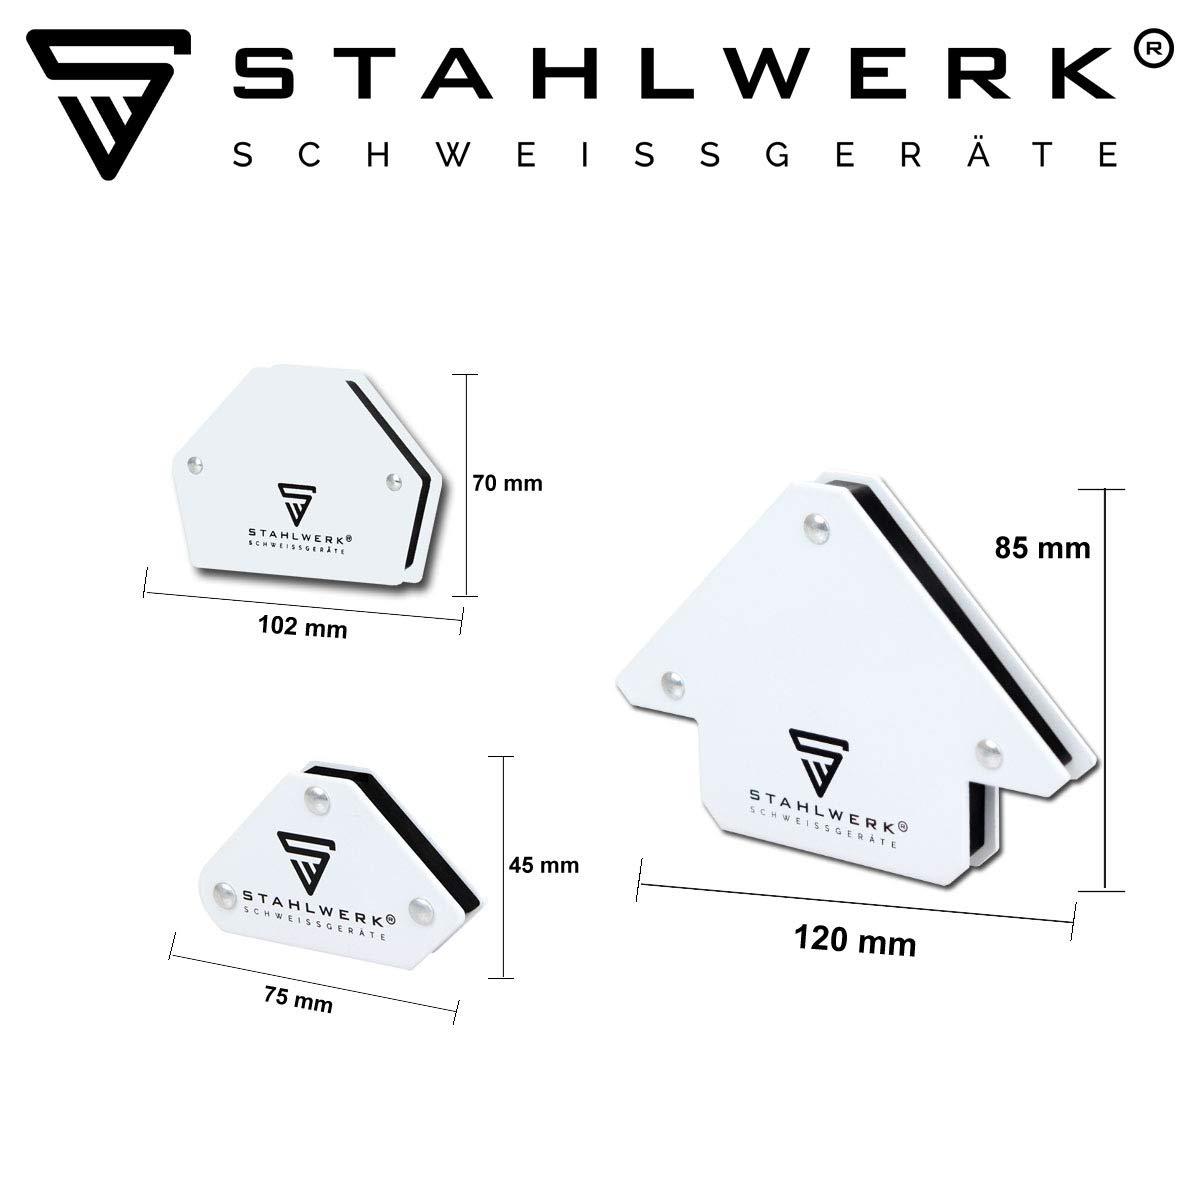 fuerza adhesiva entre 9 y 25 libras color blanco 4 y 11,3 kg juego de 6 piezas STAHLWERK im/án magn/ético de /ángulo de soldadura magn/ético 30/° x 45/° x 60/° x 75/° x 90/° x 135/°